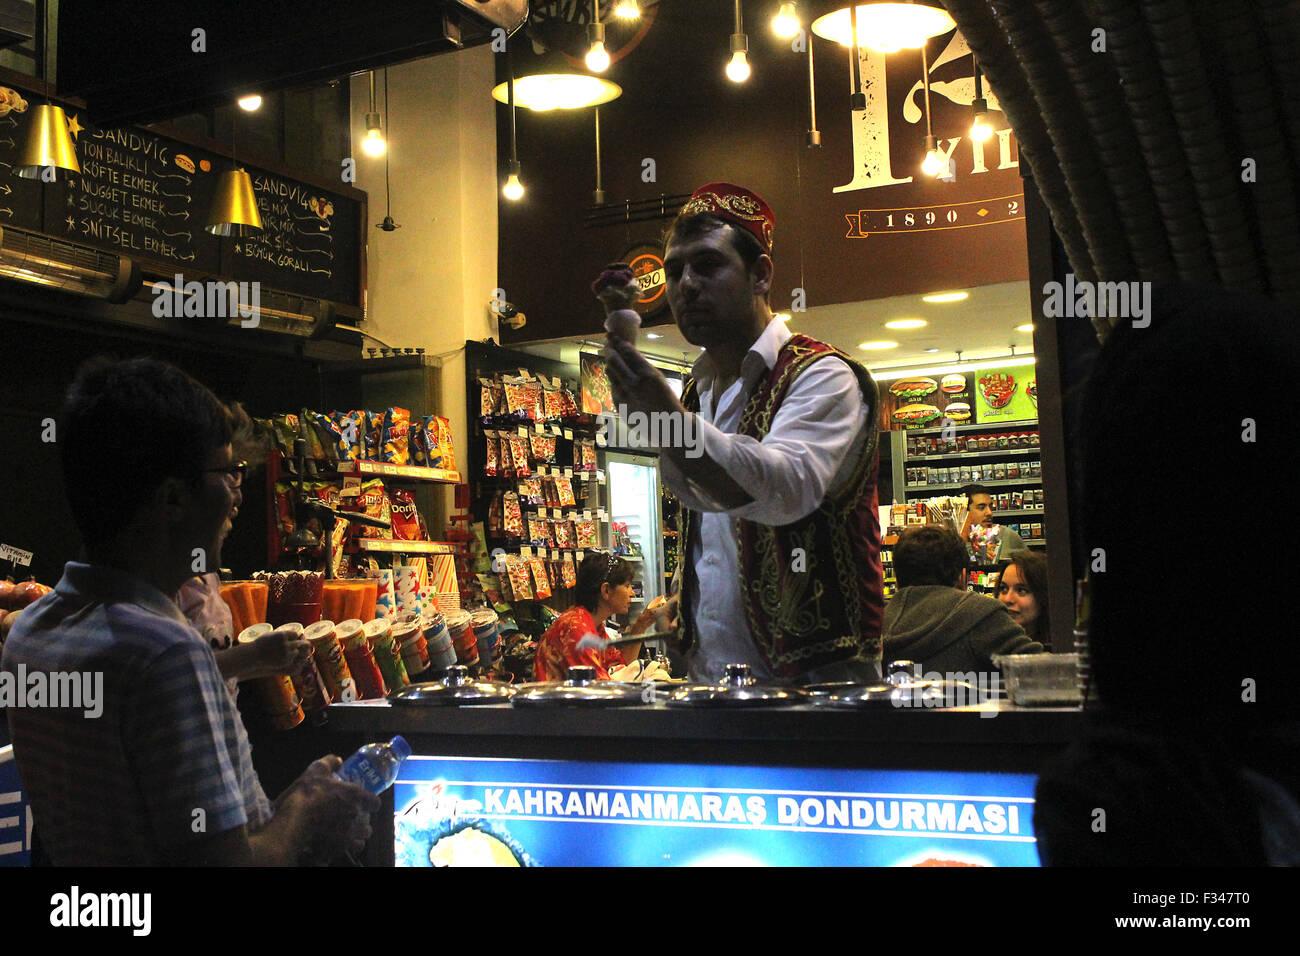 Istanbul, Turchia - 14 Settembre 2015: Turco venditore vendita di gelato per un uomo sulla strada a Istiklal Caddesi Immagini Stock